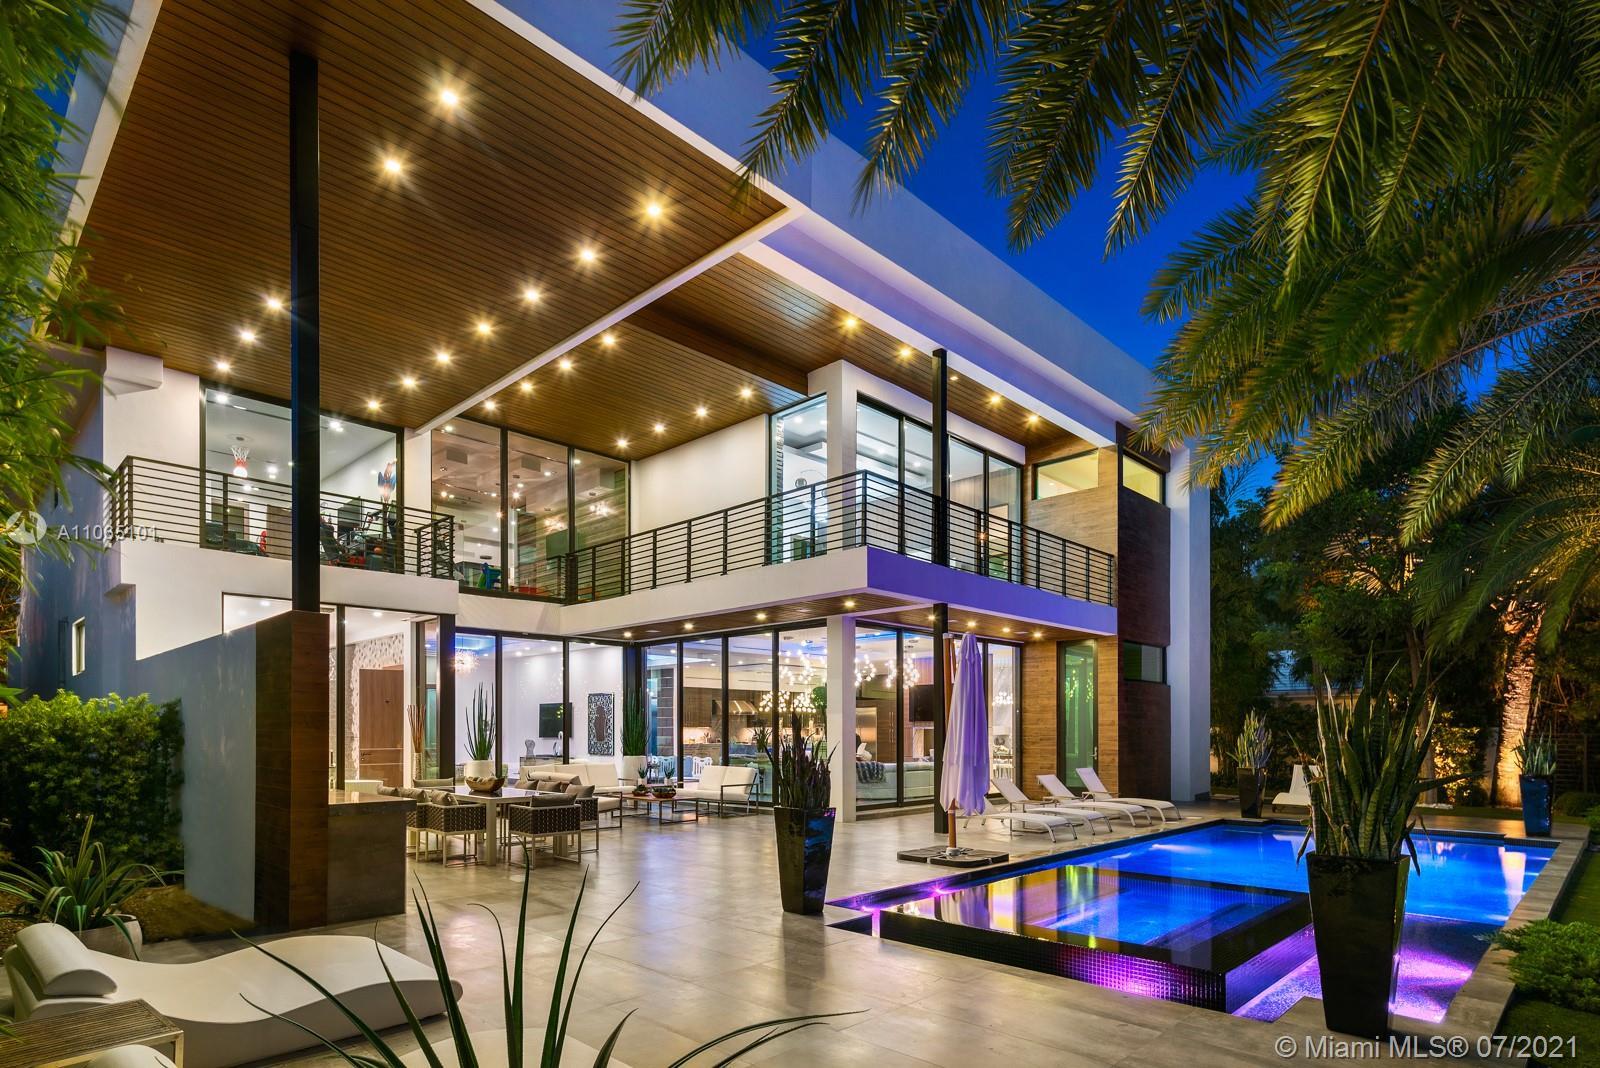 2542 Aqua Vista Blvd Luxury Real Estate